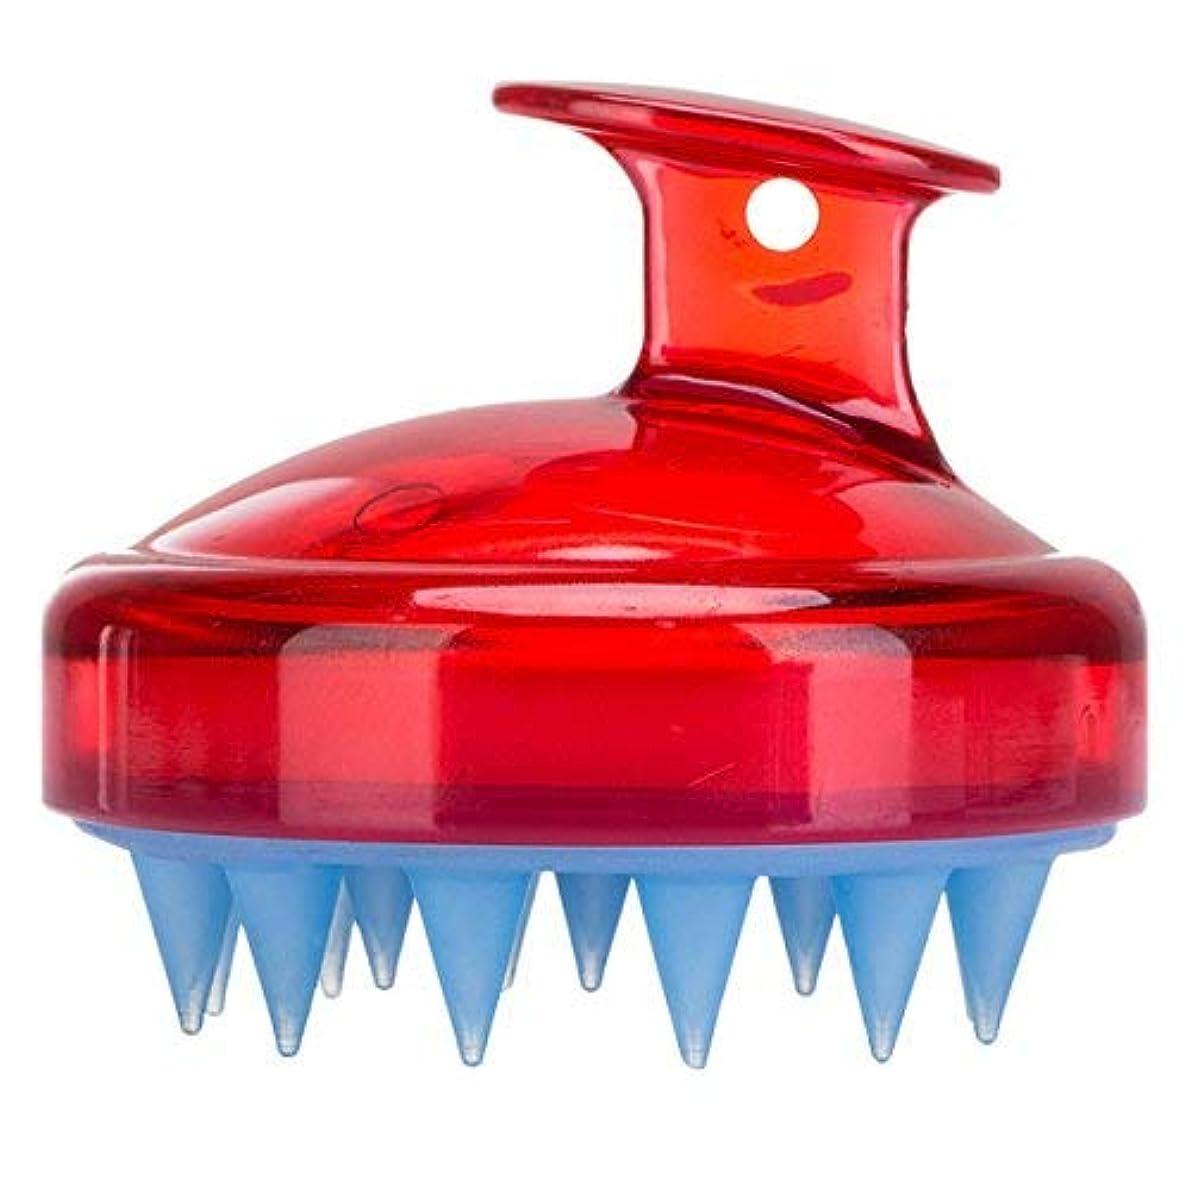 シェトランド諸島金銭的安定Frcolor Hair Scalp Brush Shampoo Massager Silicone Shower Hair Brush [並行輸入品]